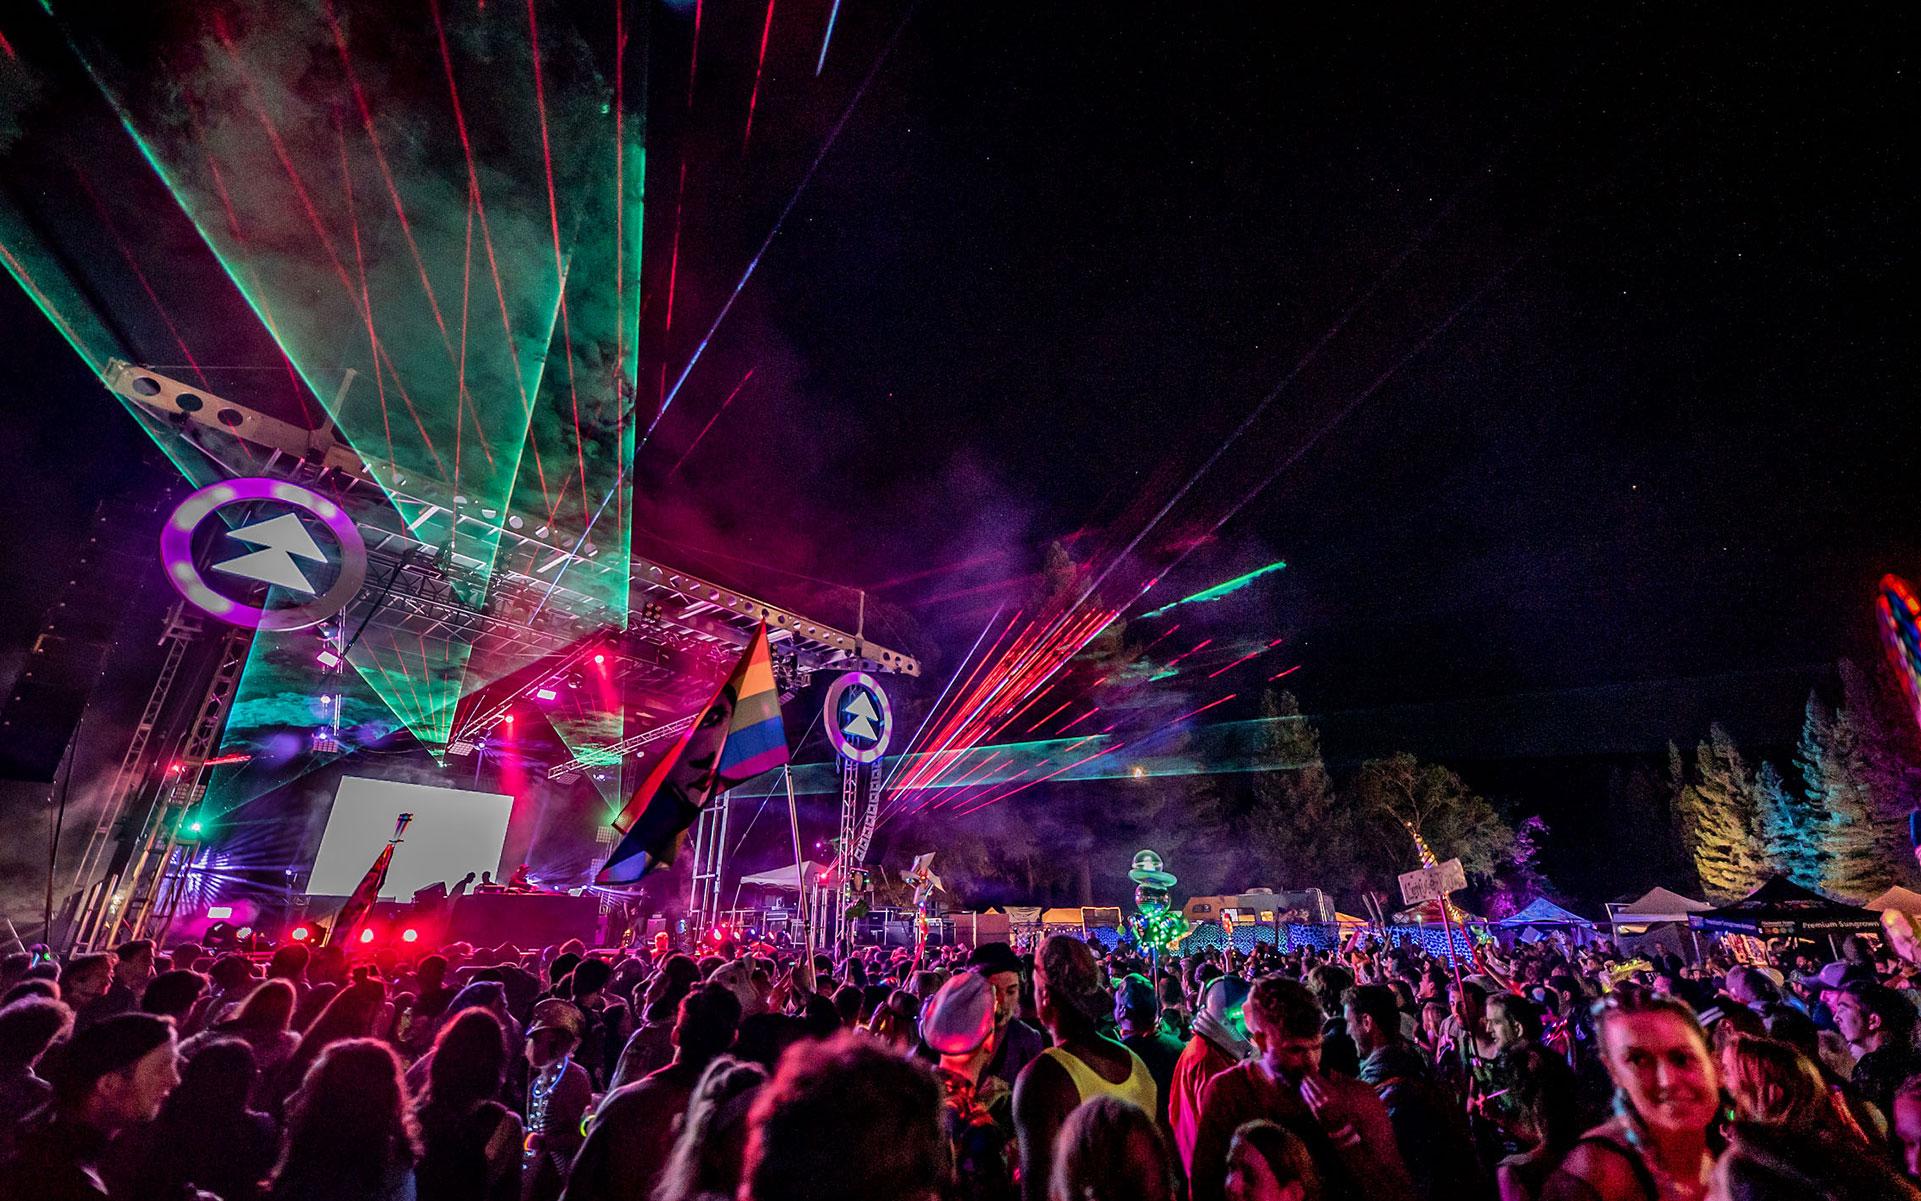 Music Festivals, Legal Cannabis Sing a Hit Duet in 2019 thumbnail